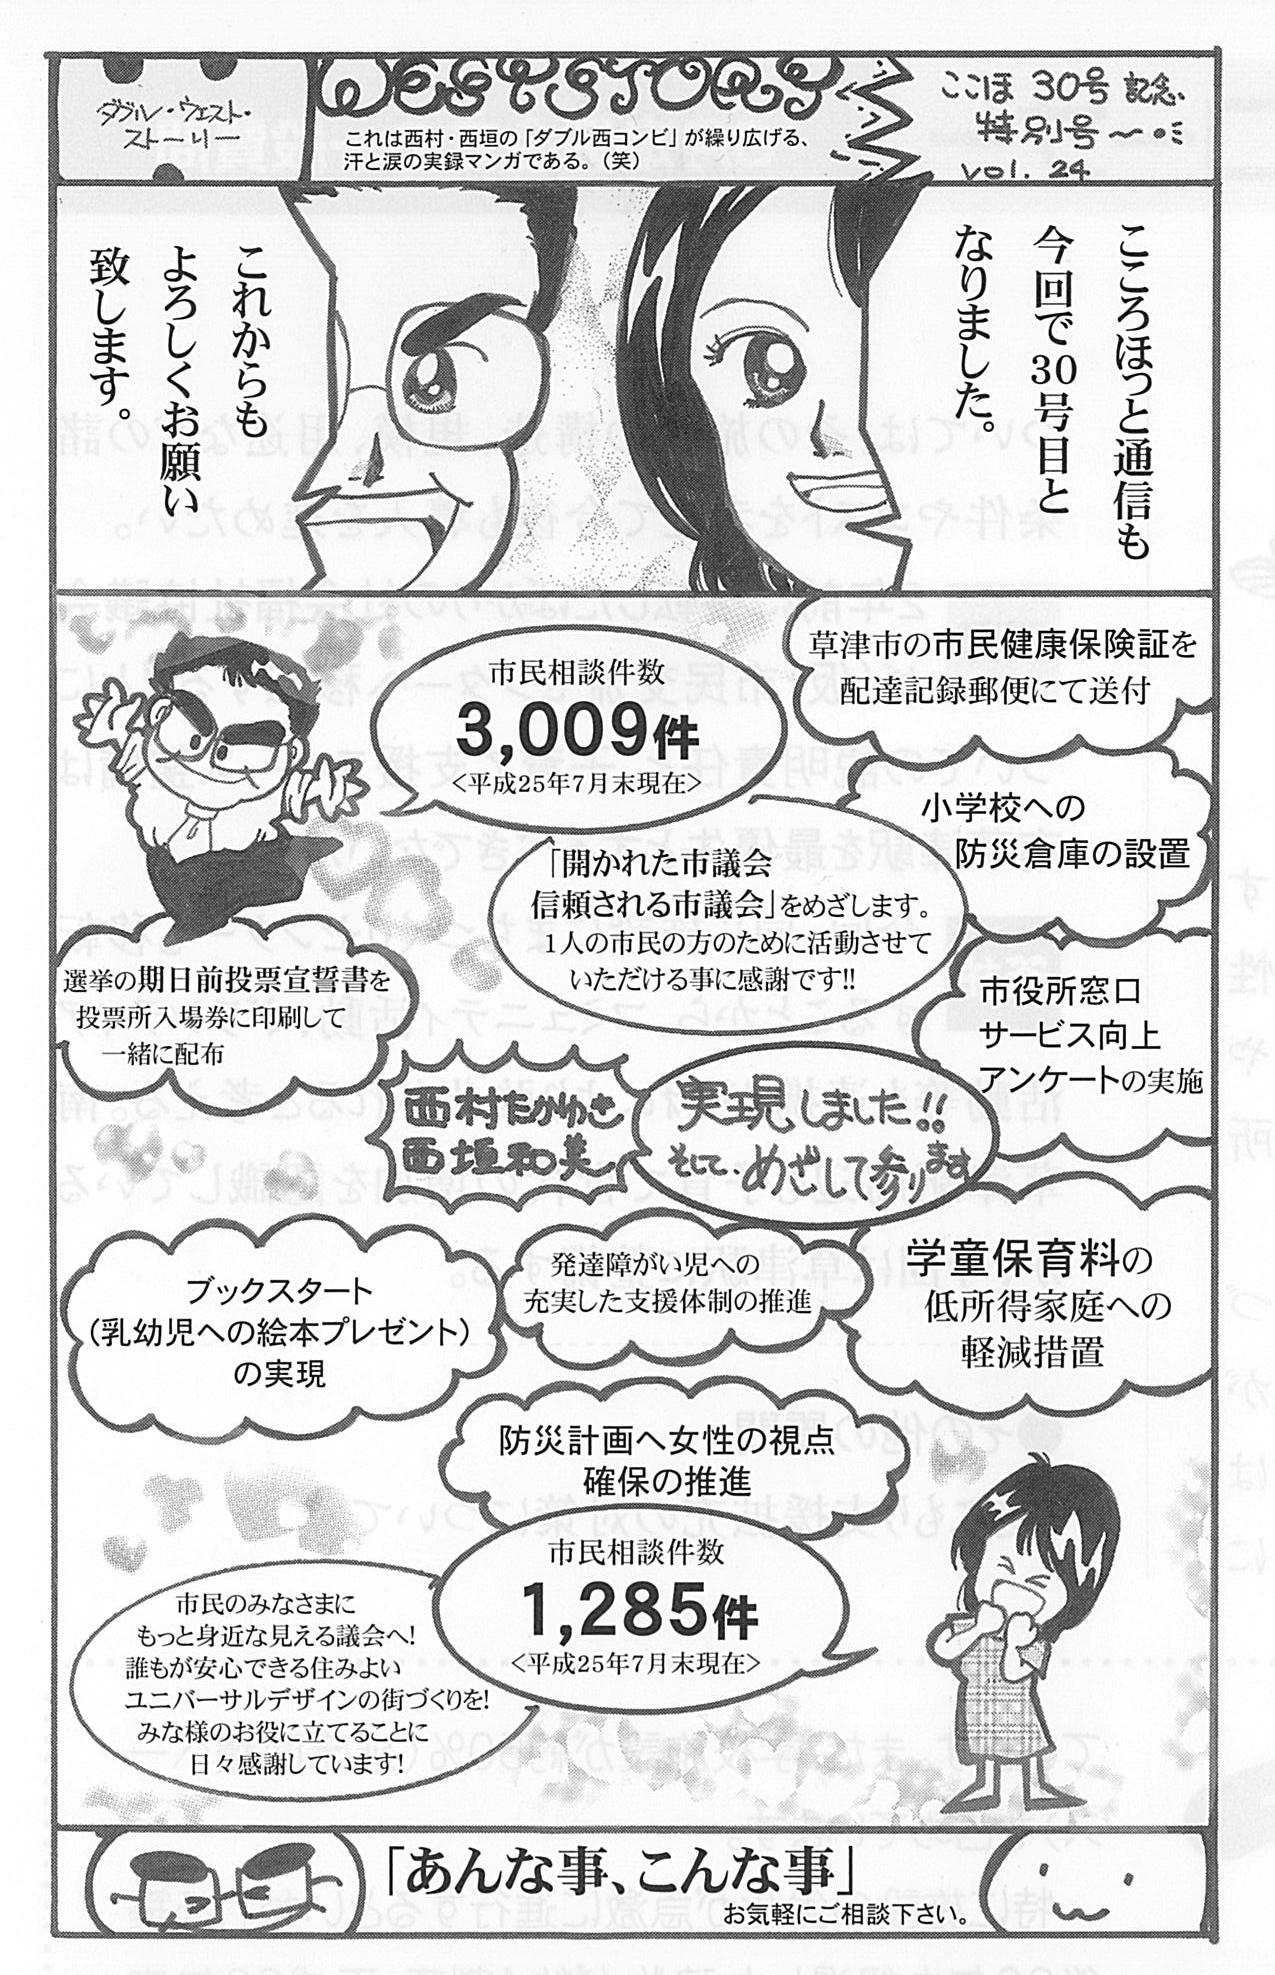 jitsuroku_vol24.jpg